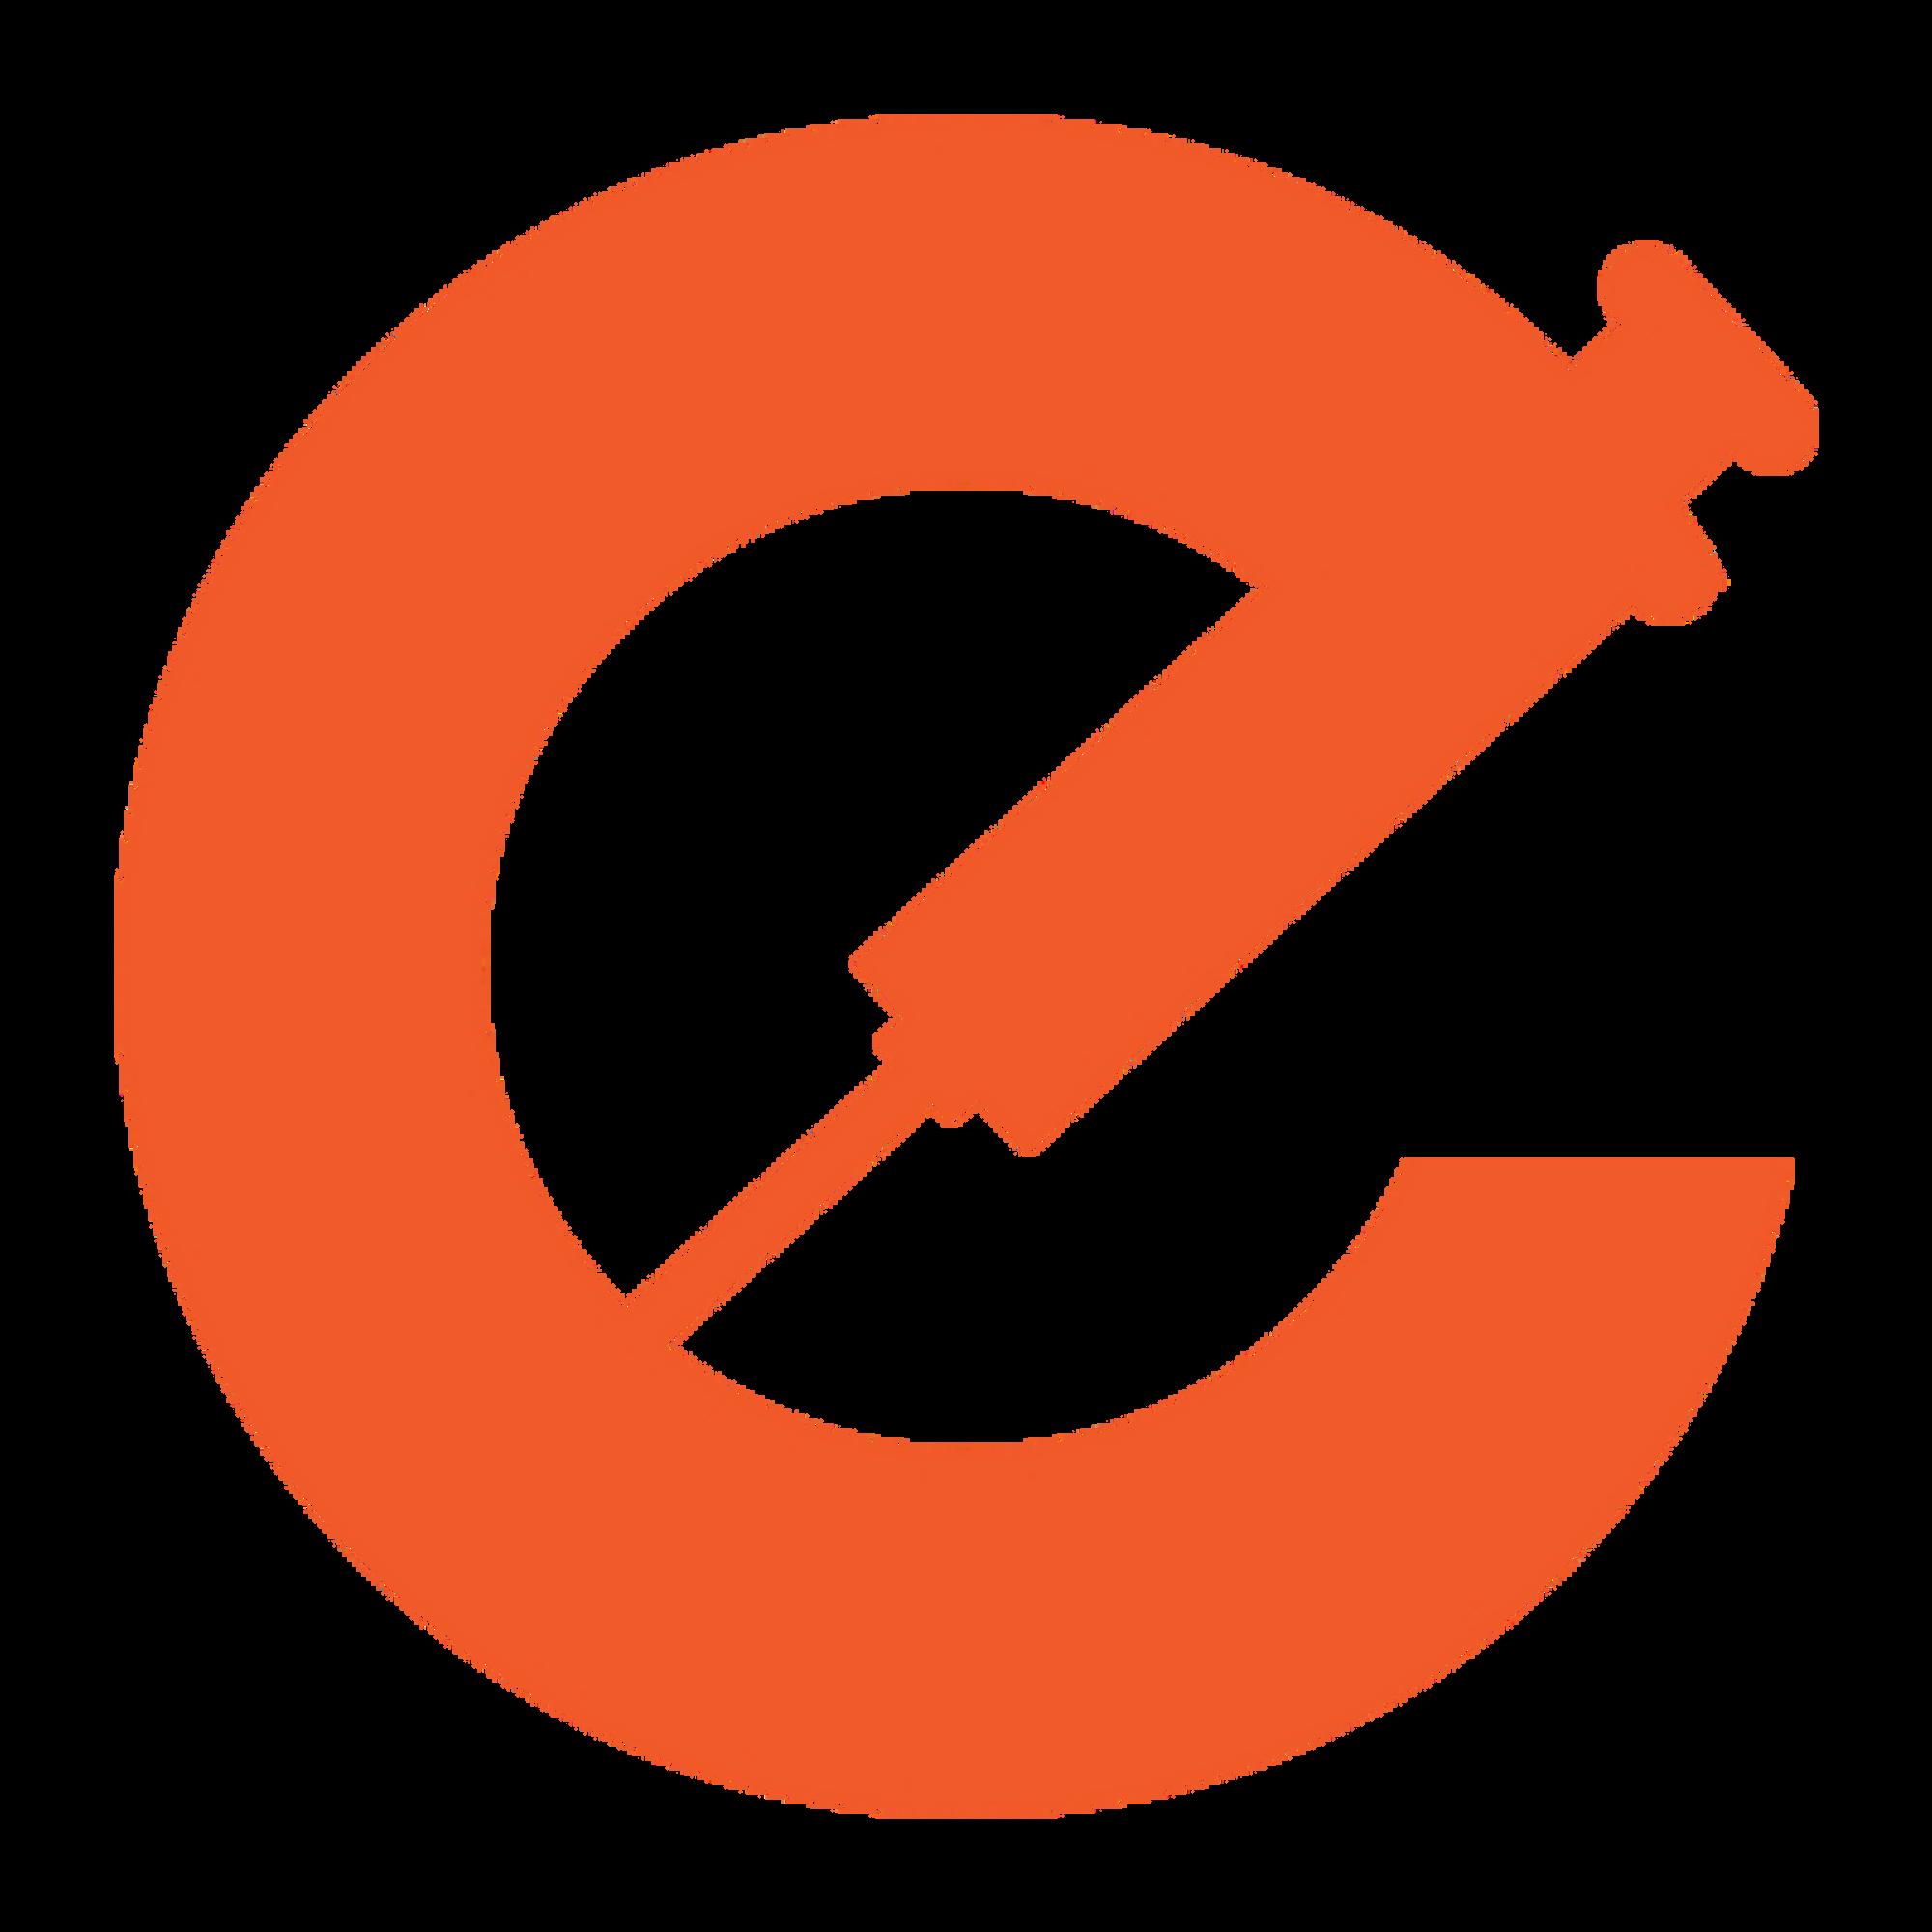 logo_etil_400x400_transp.png